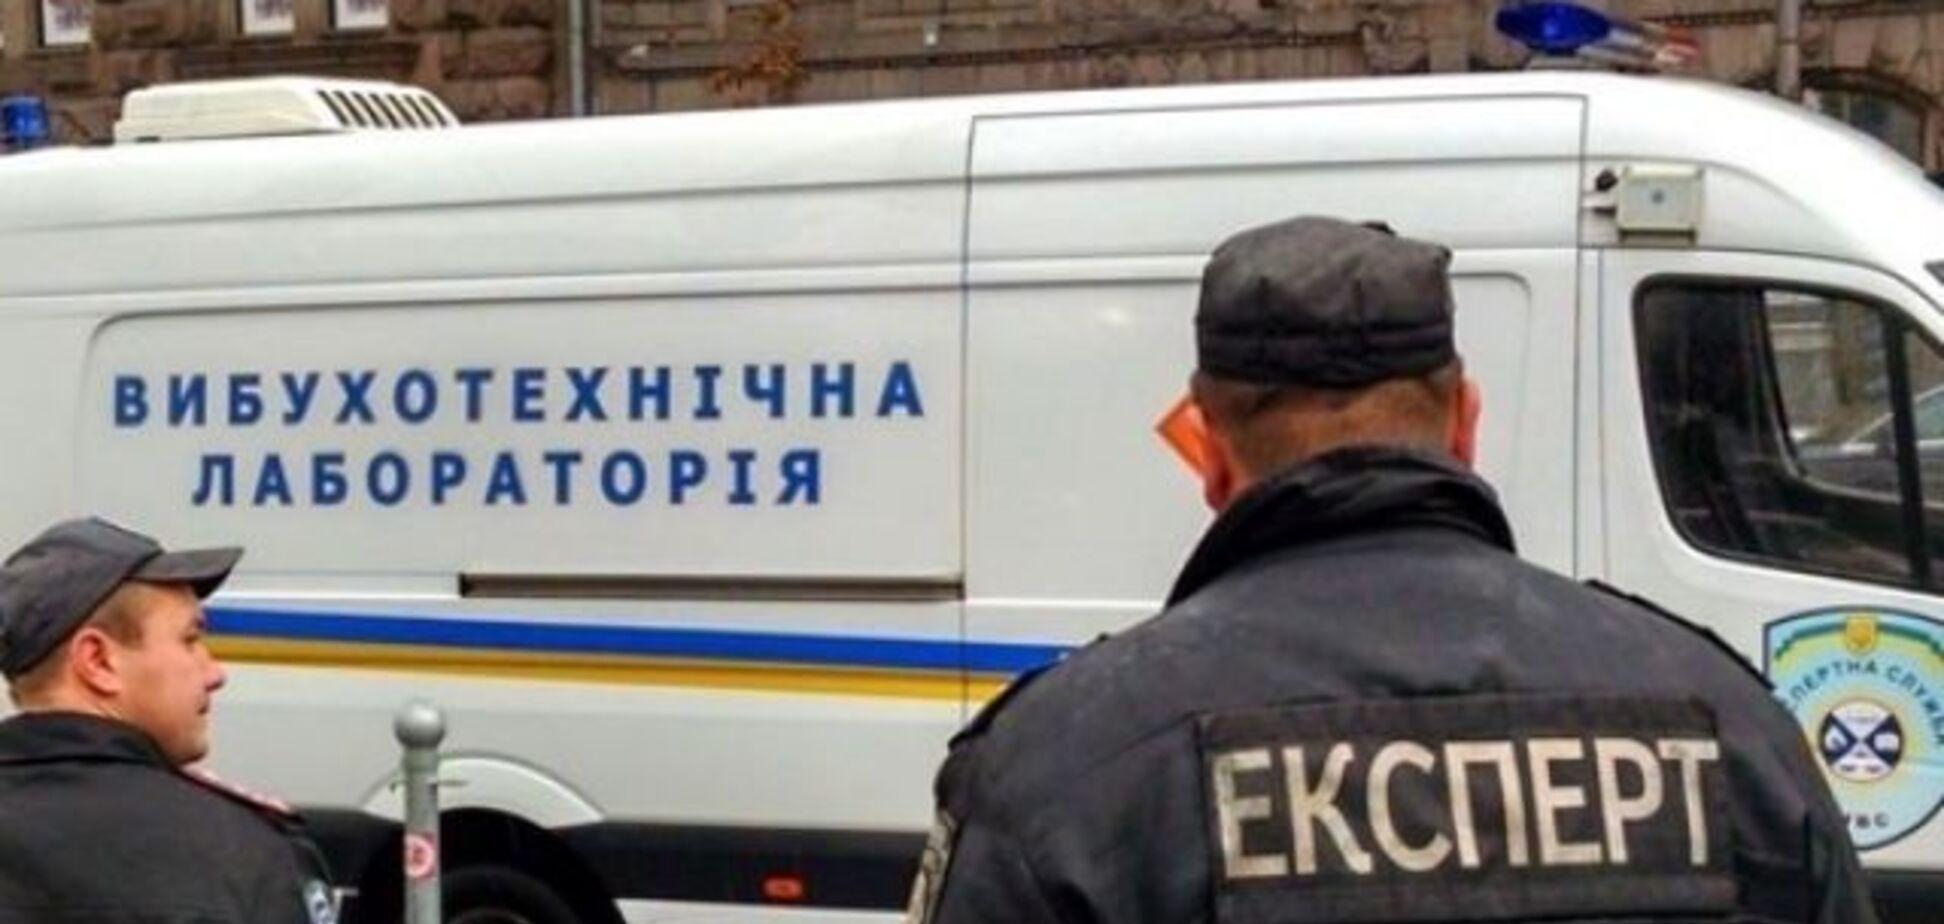 'Взорвут наши люди': в Киеве 'заминировали' более 20 объектов